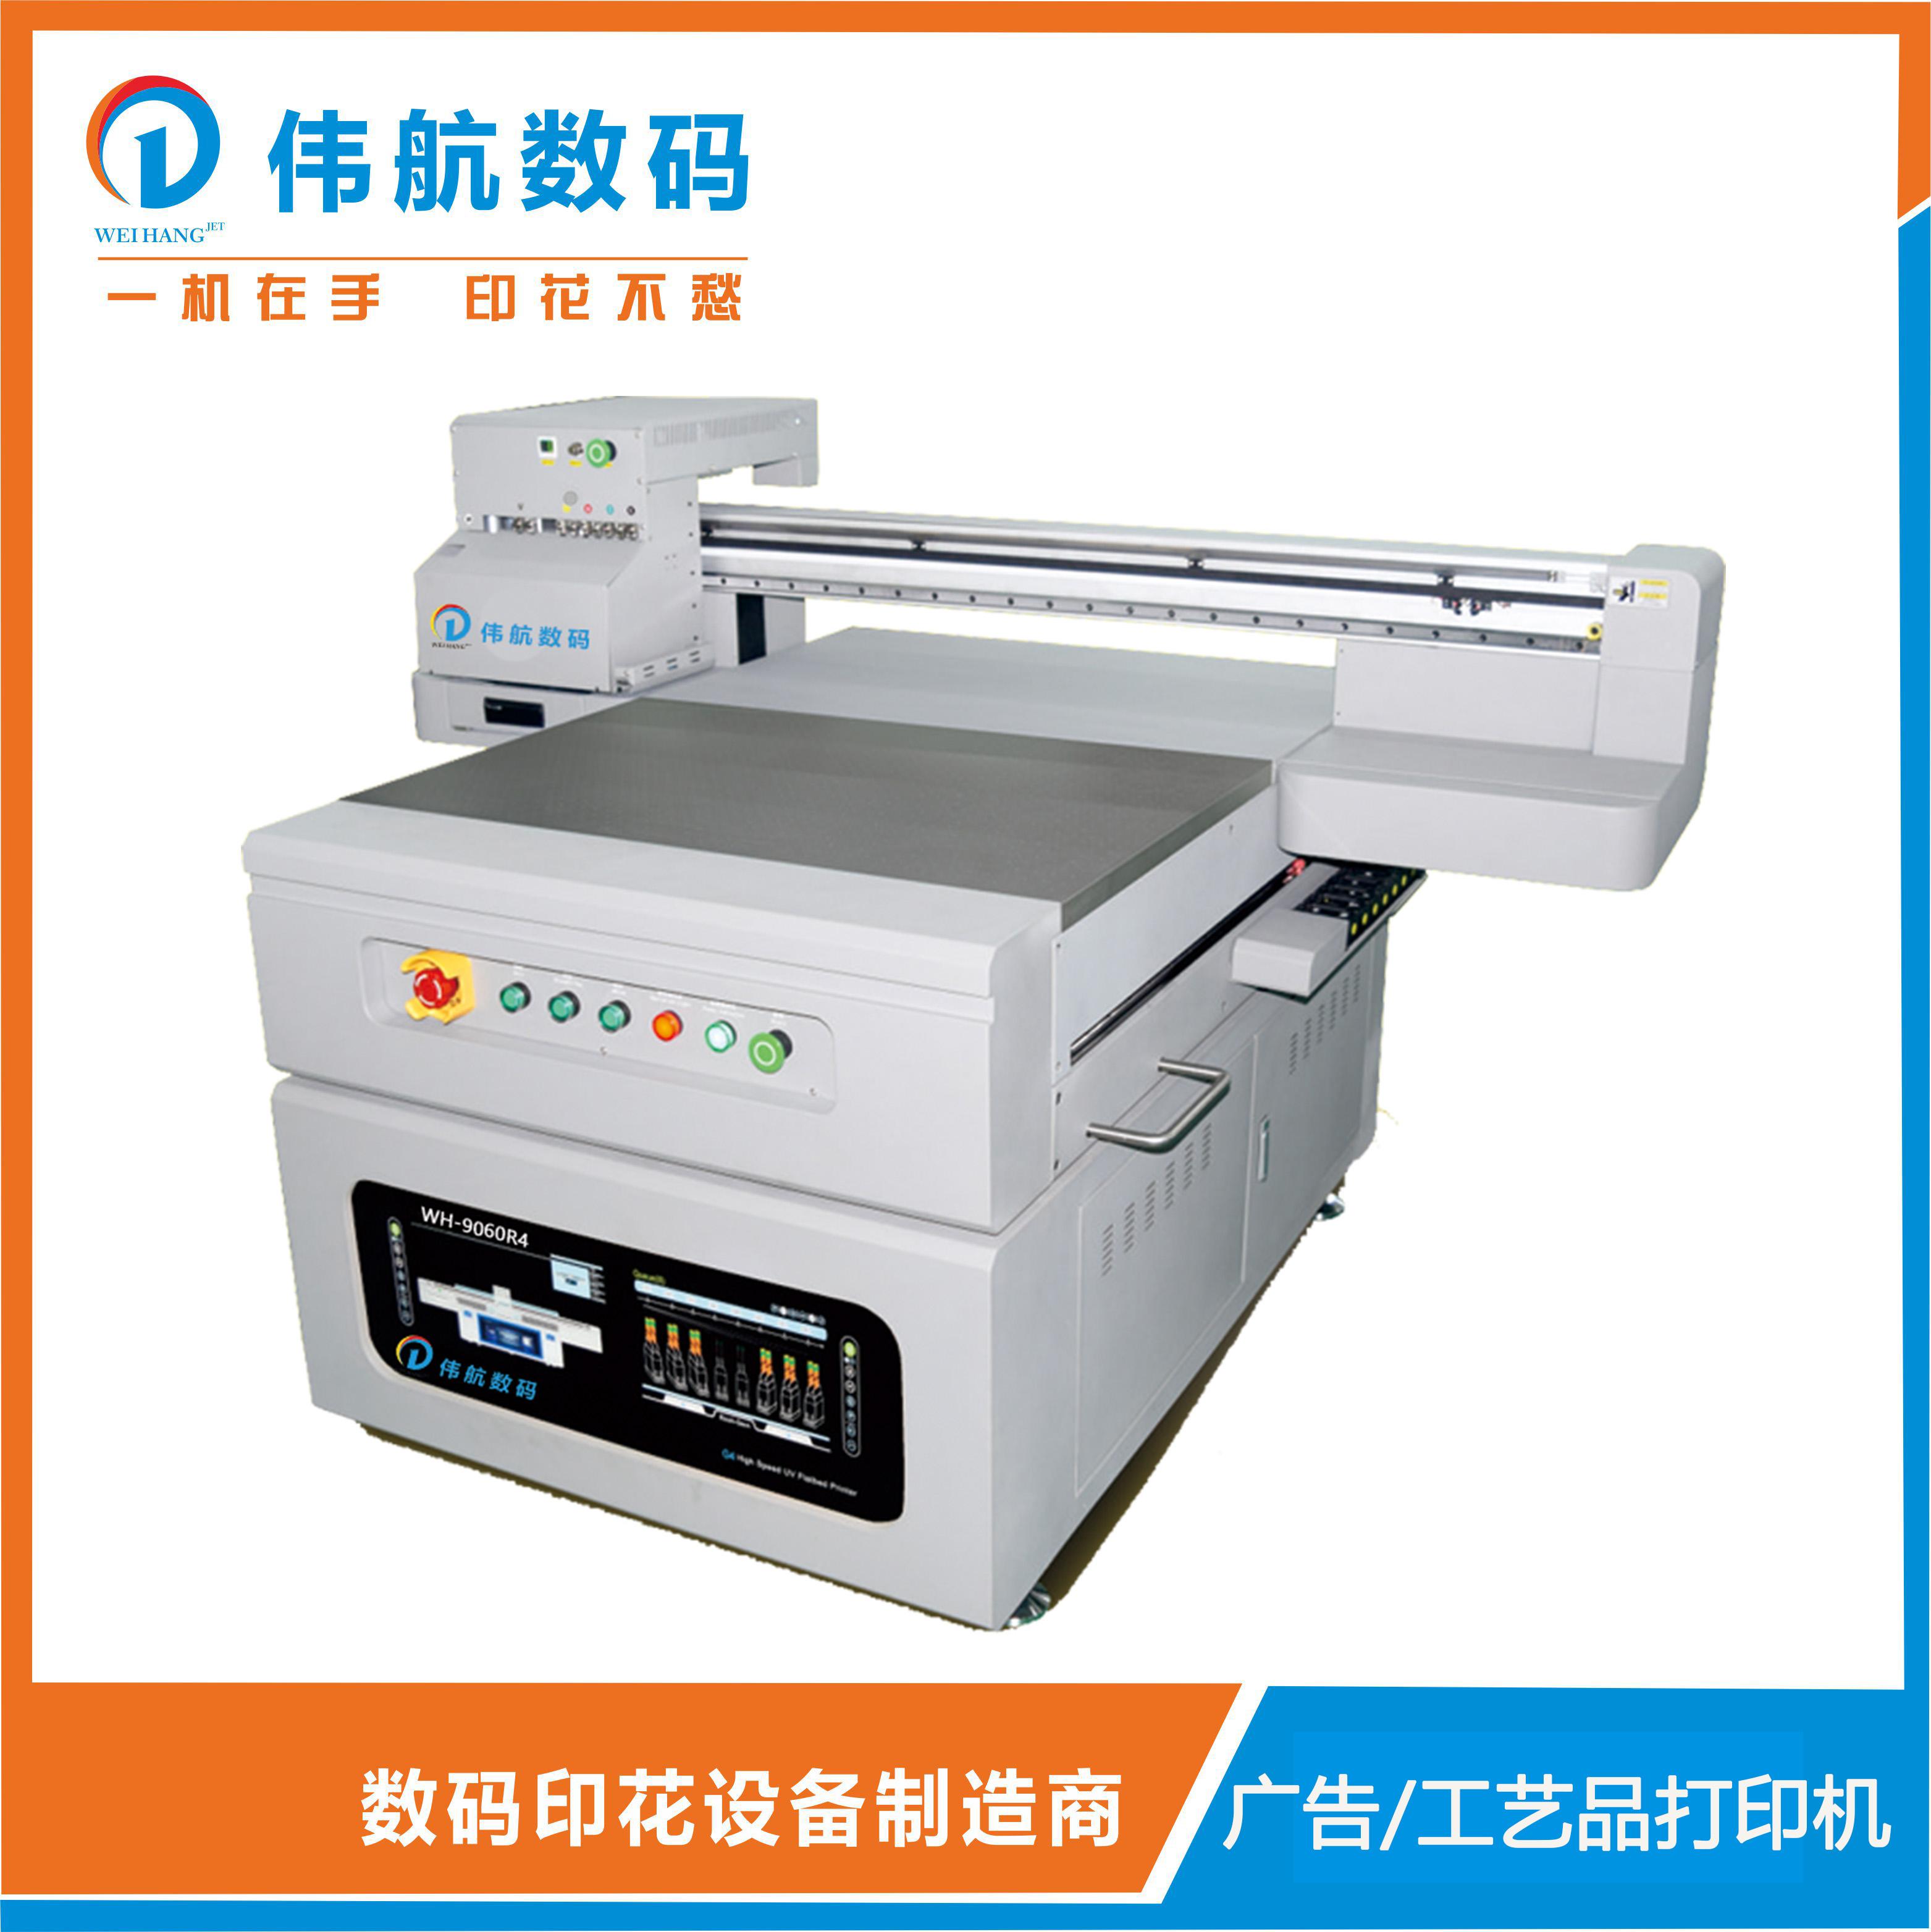 工艺品UV平板打印机WH-9060R4